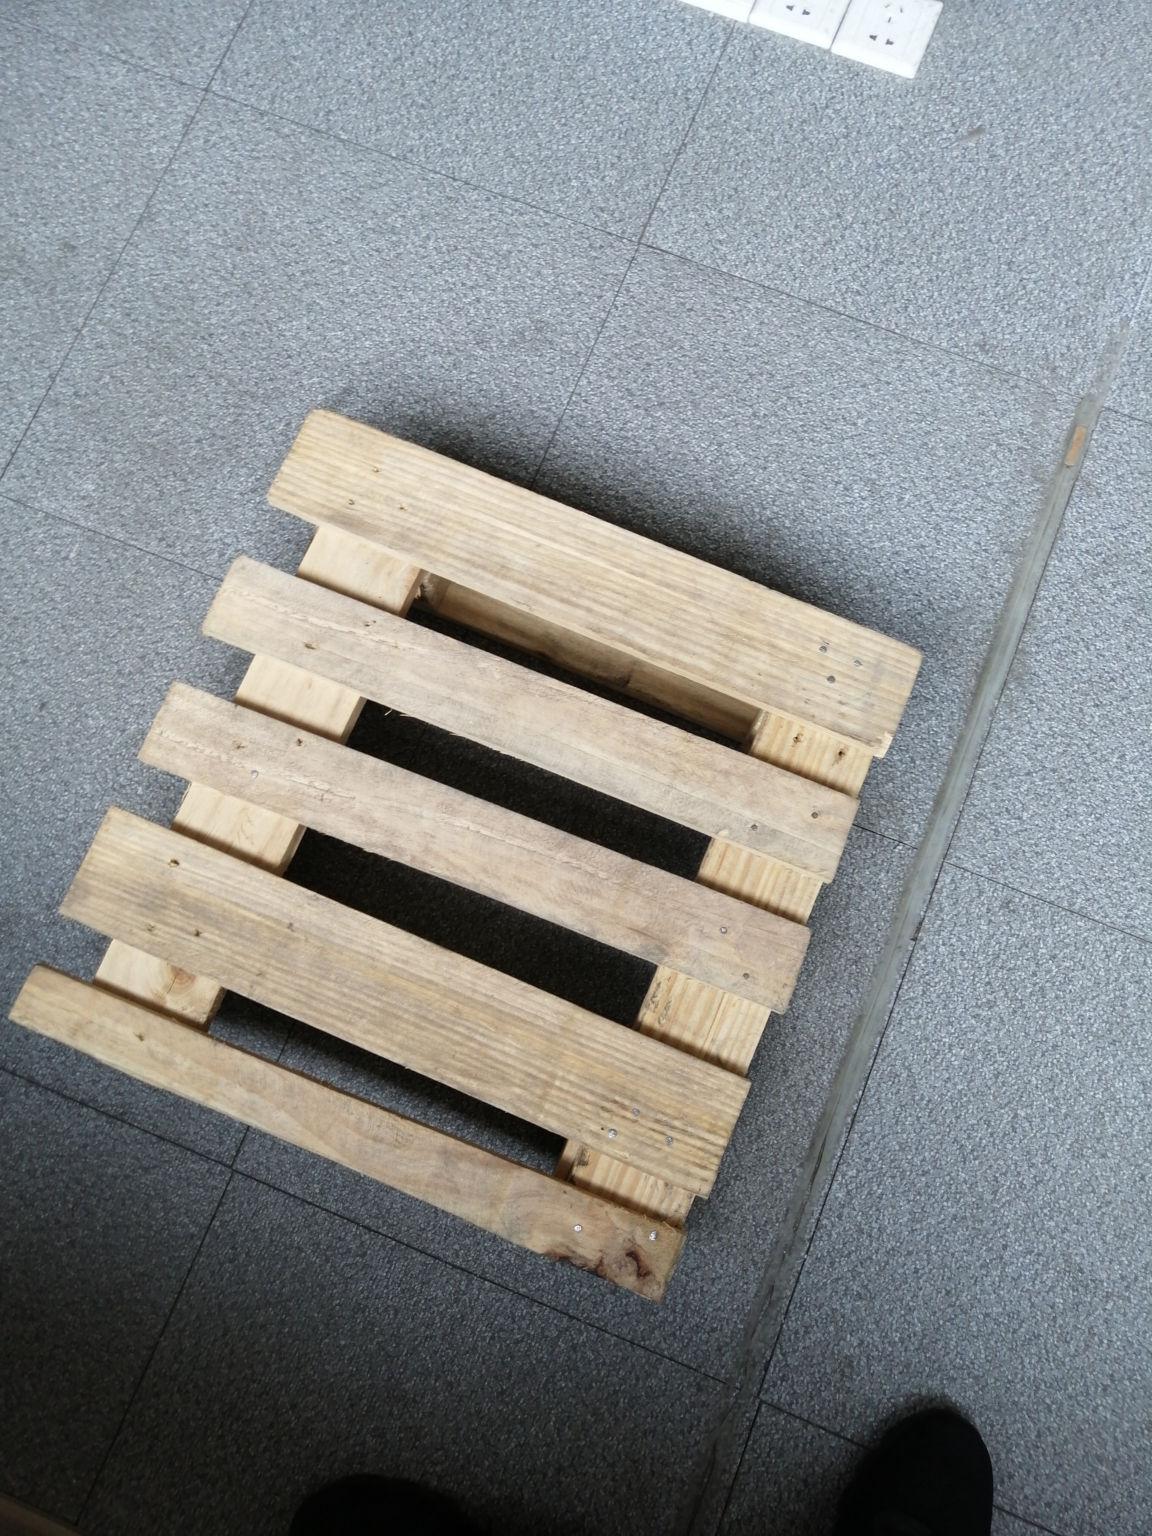 绍兴旧木托盘厂家批发平台做托盘的